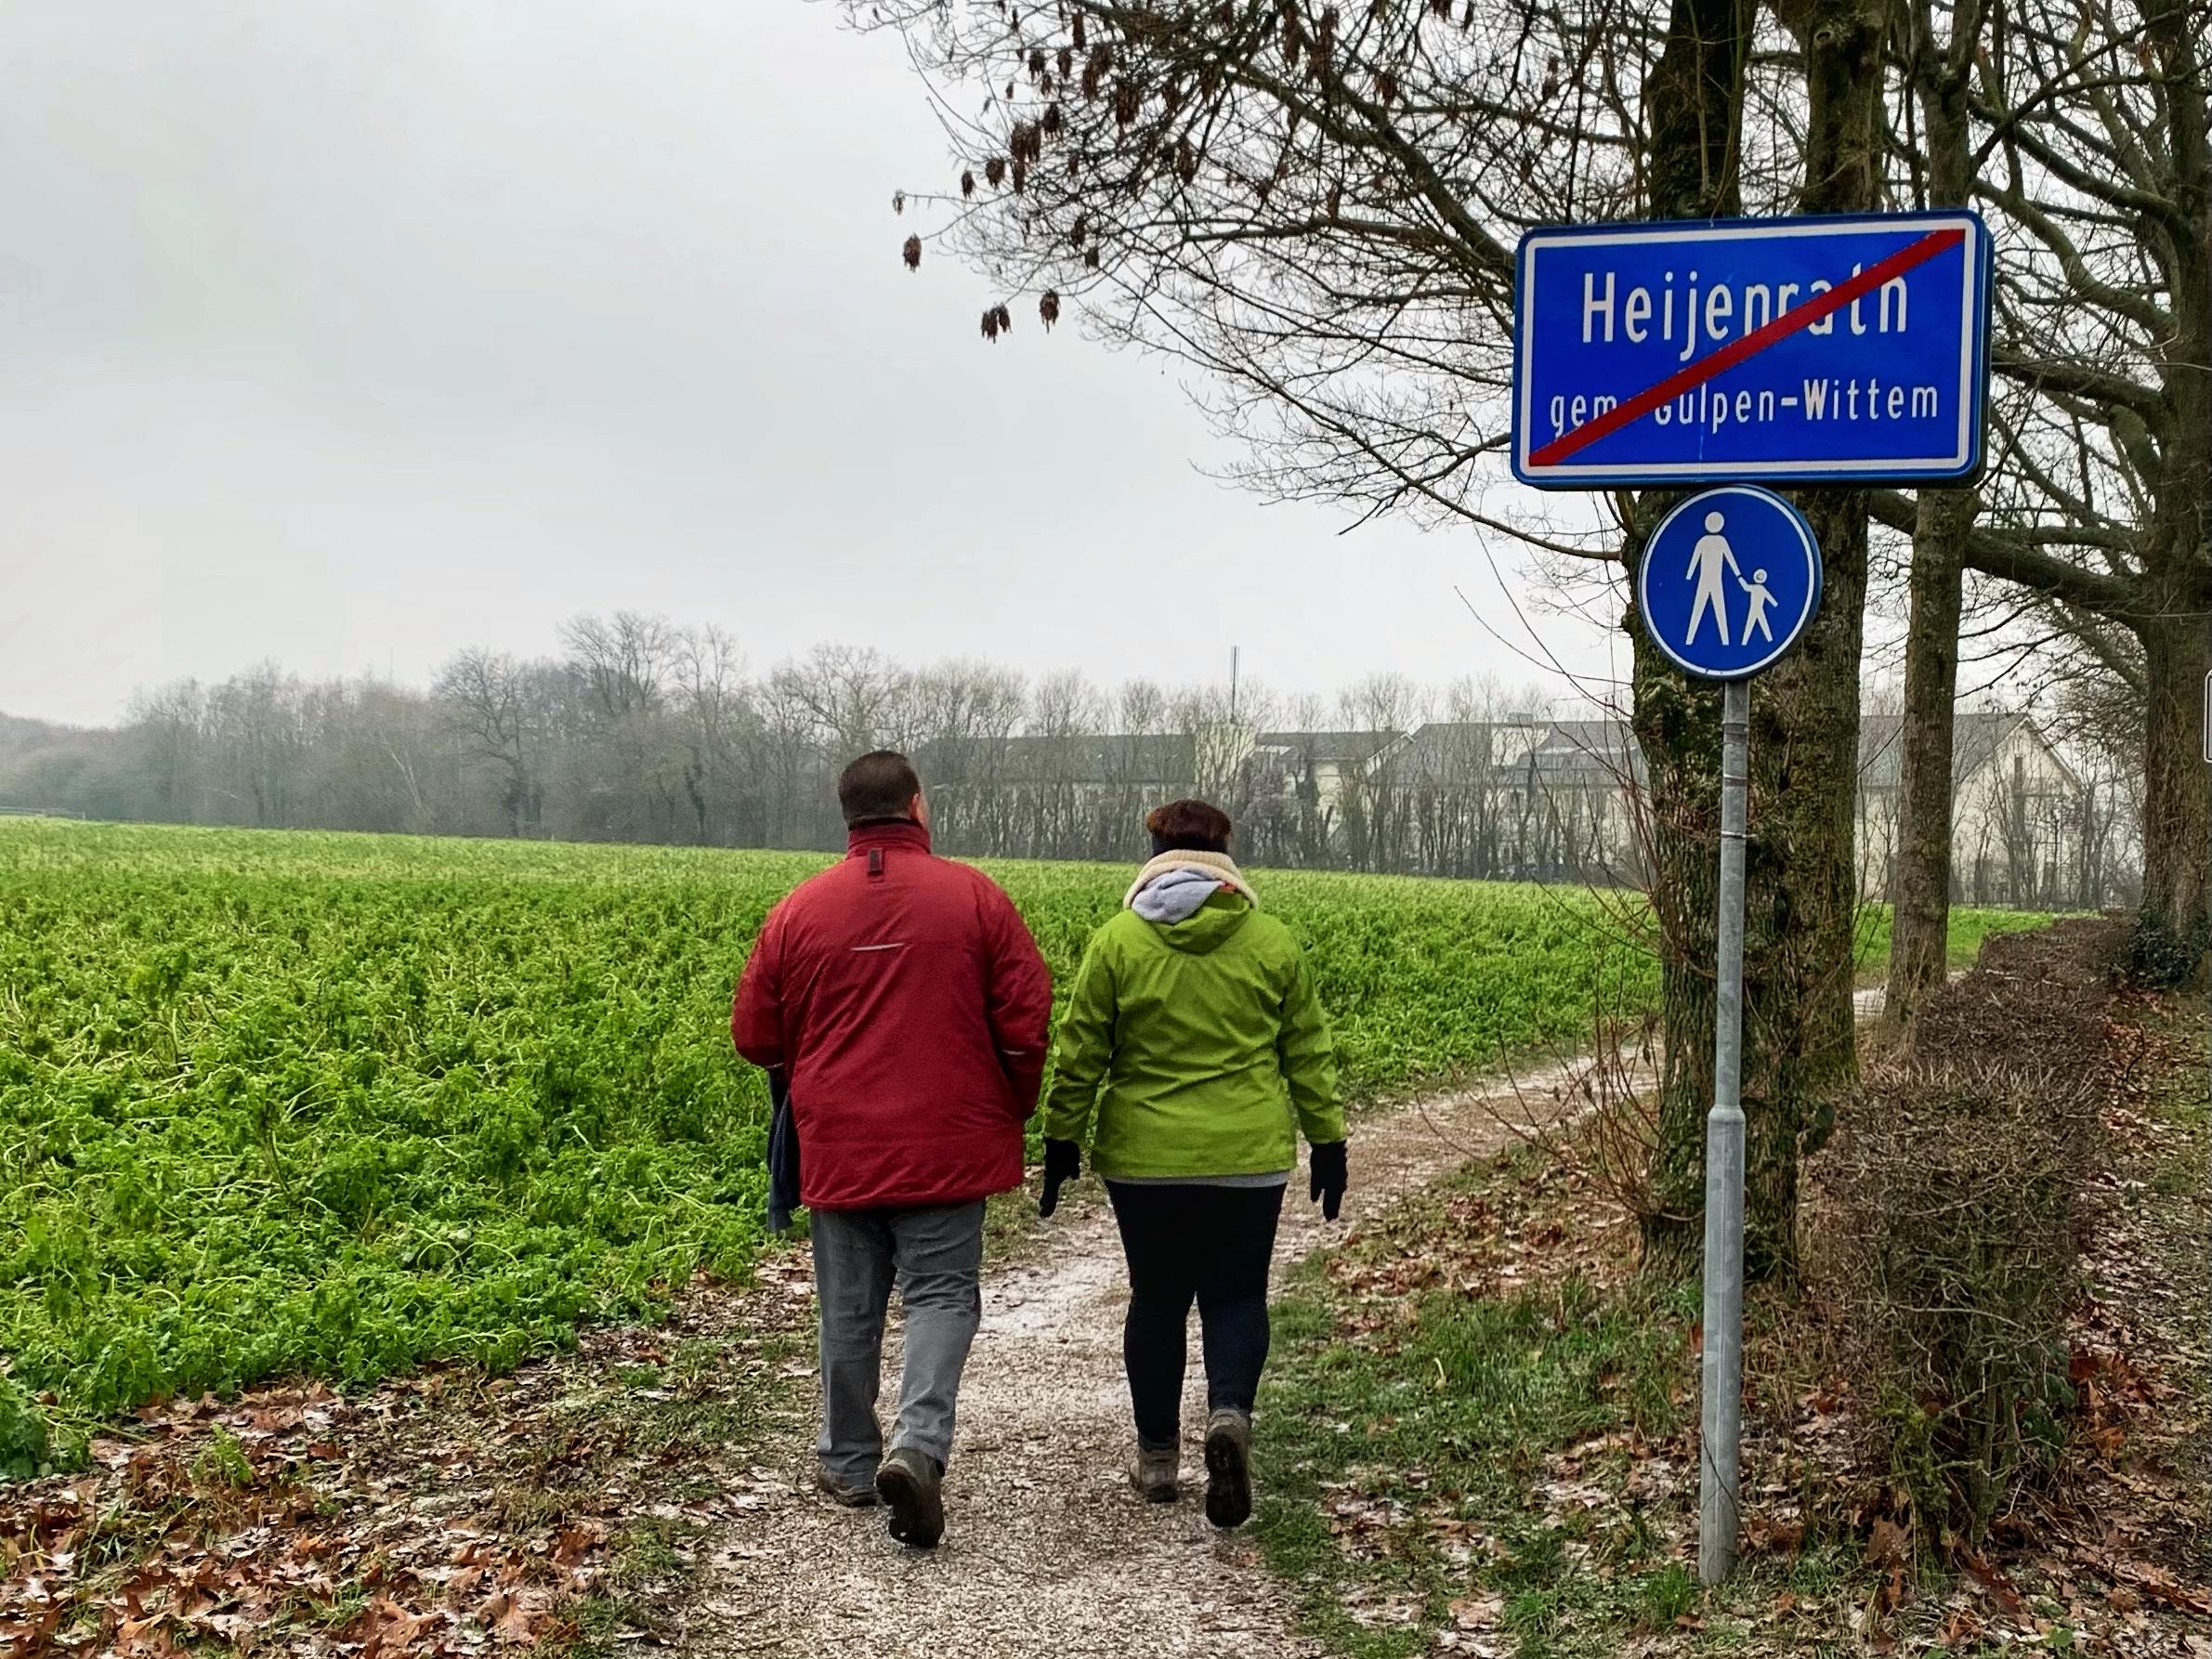 cammino della fortuna dag 15 uit heijenrath lopen